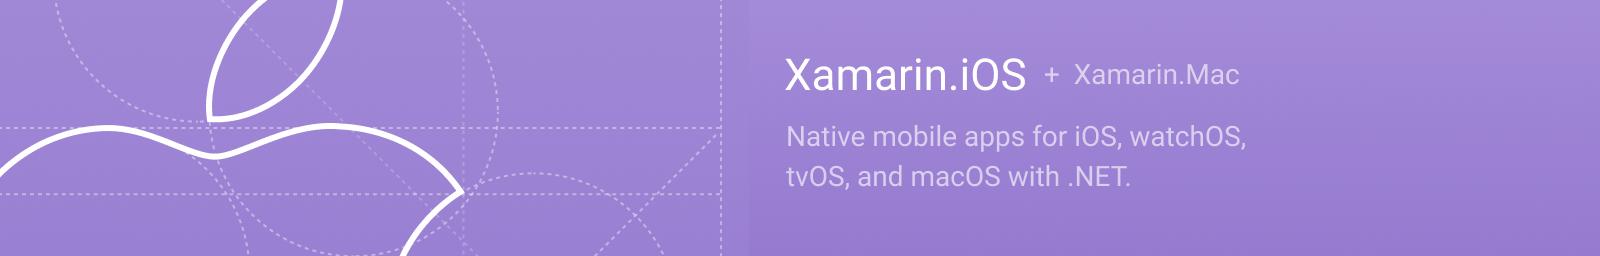 Xamarin.iOS + Xamarin.Mac logo